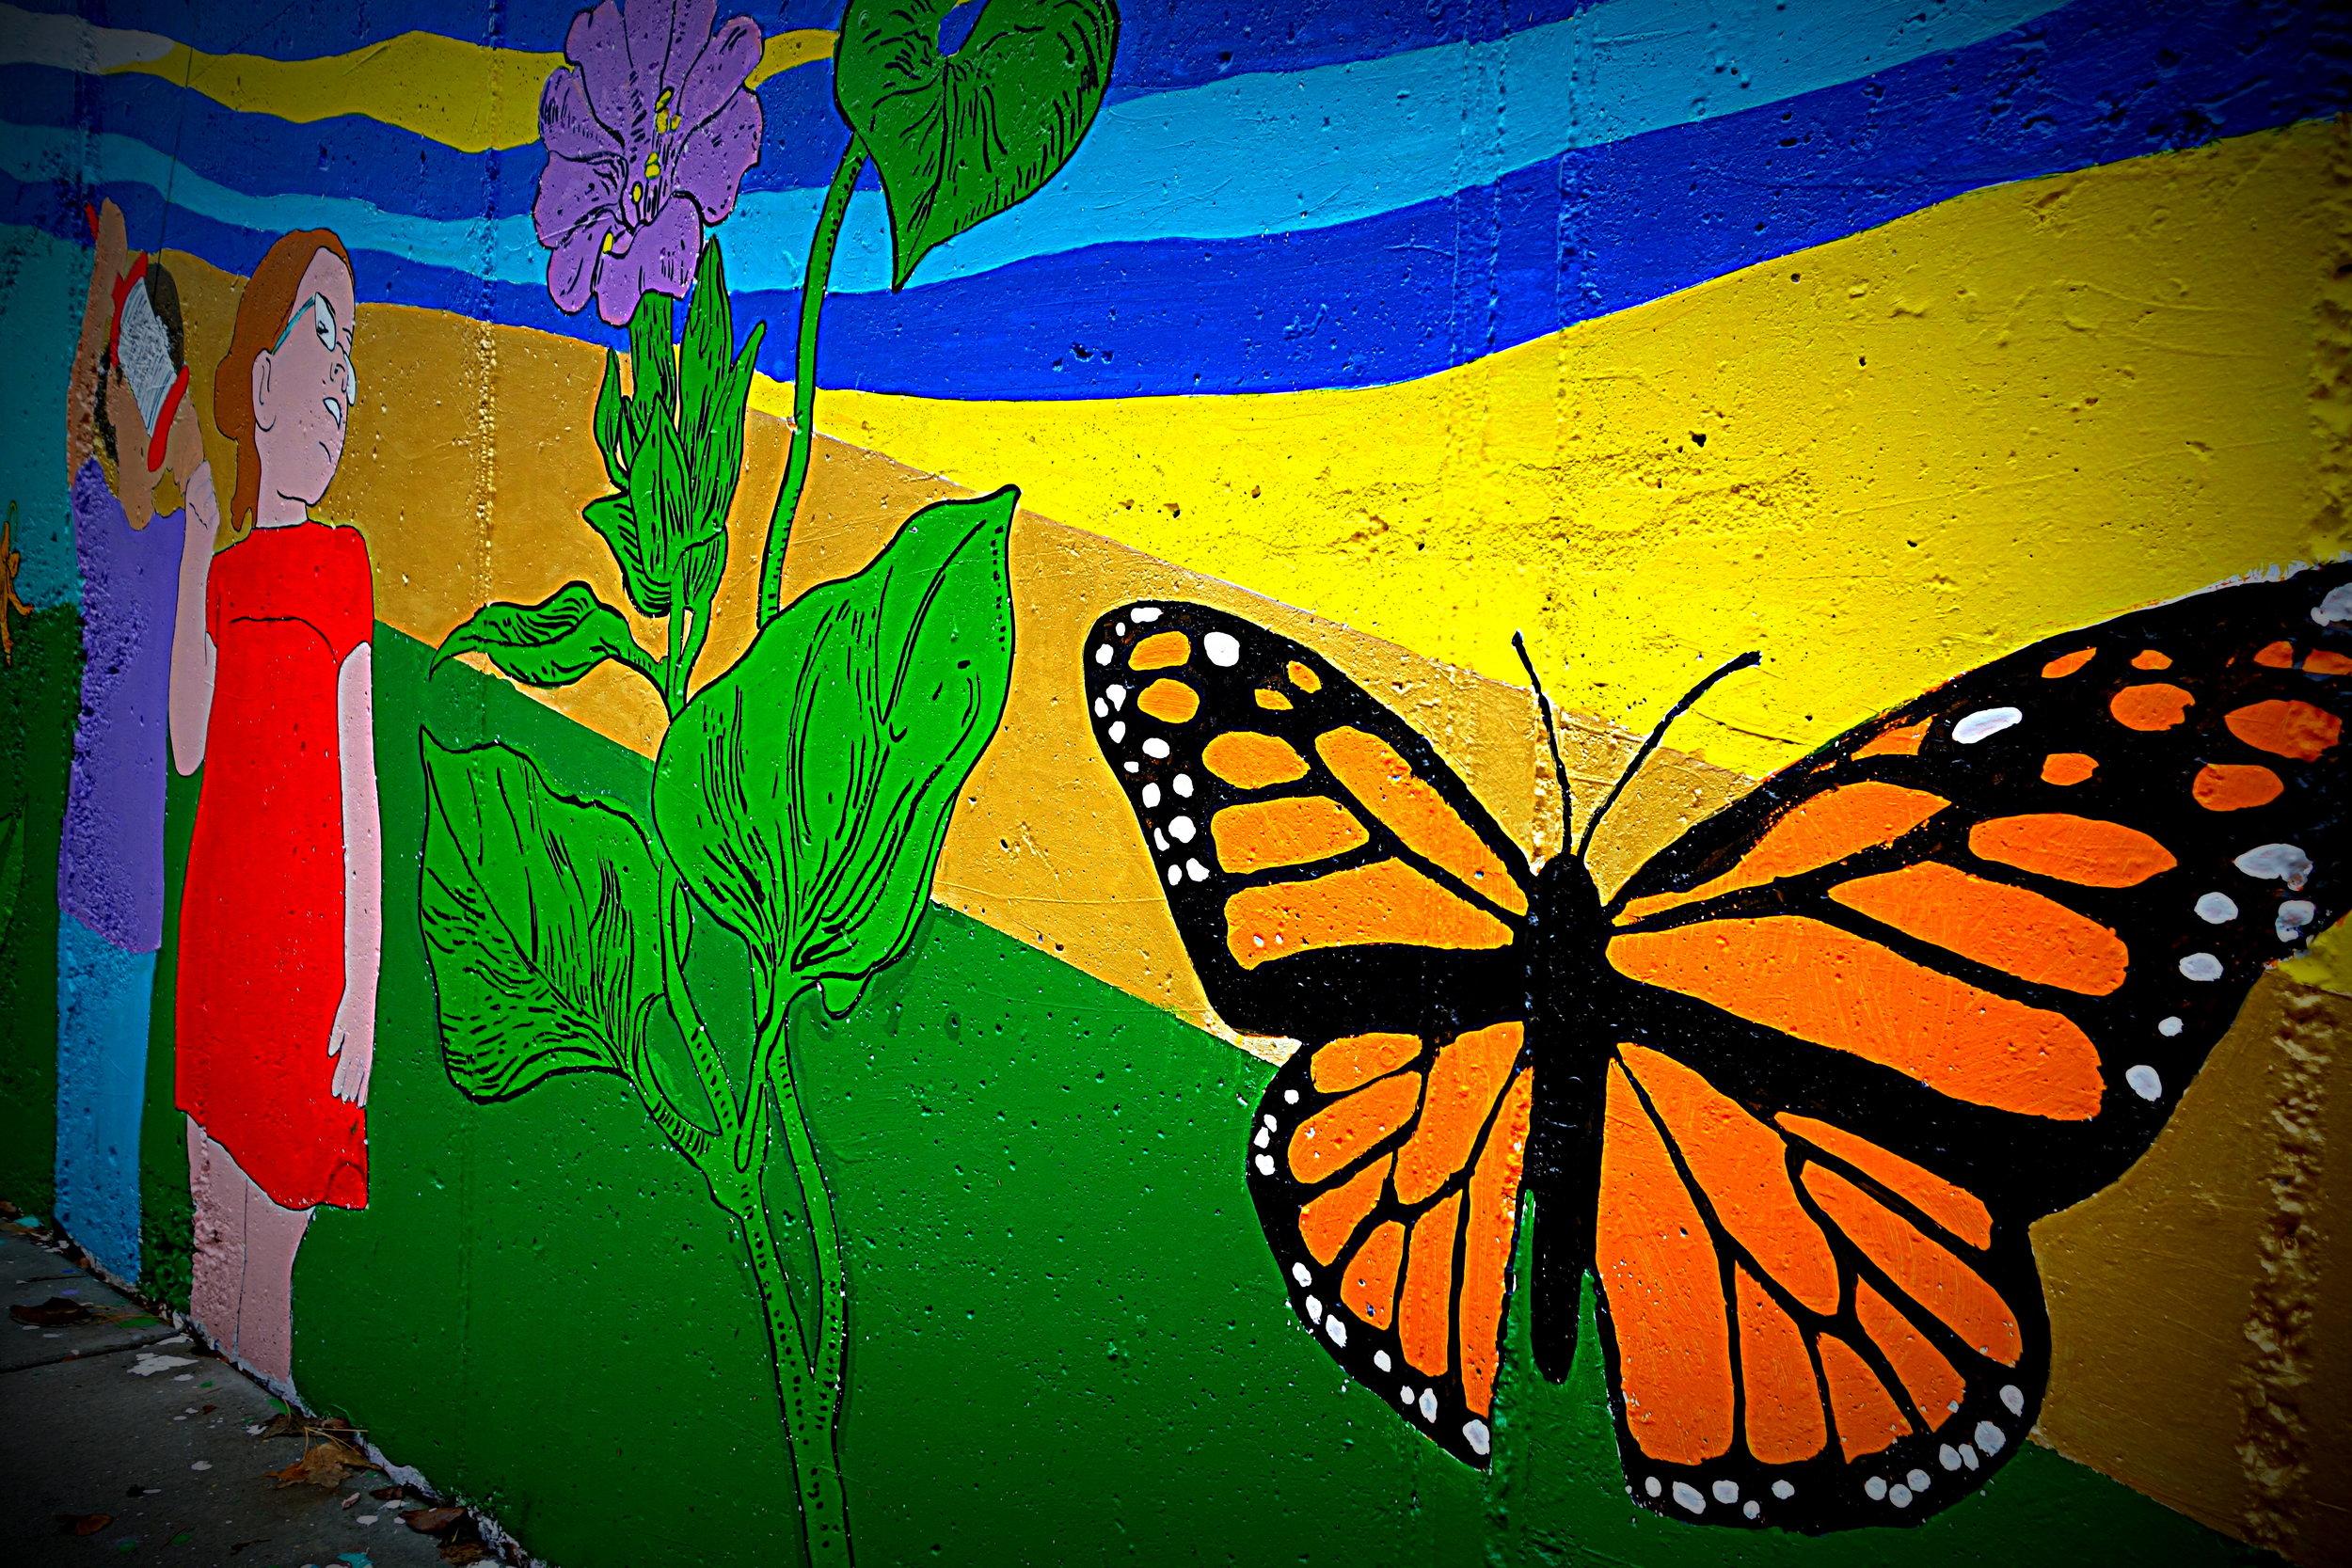 Monarch_kitekids.jpg